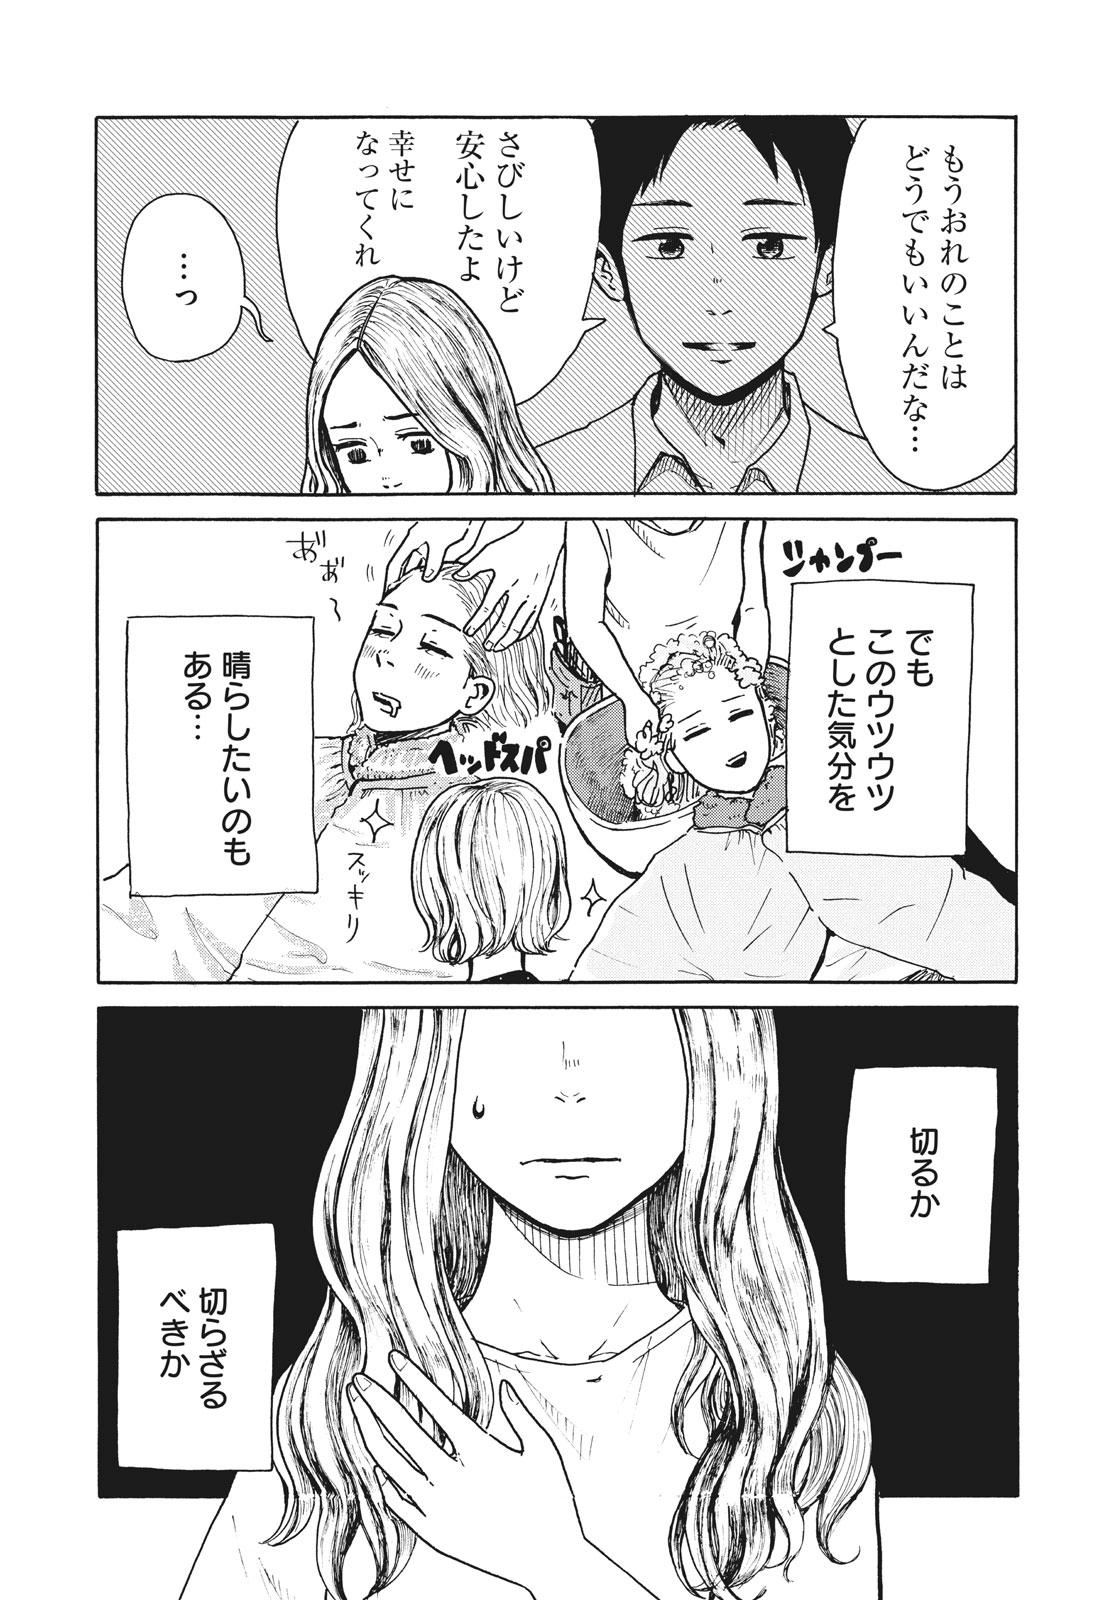 008_30譌・_2019_003_E.jpg